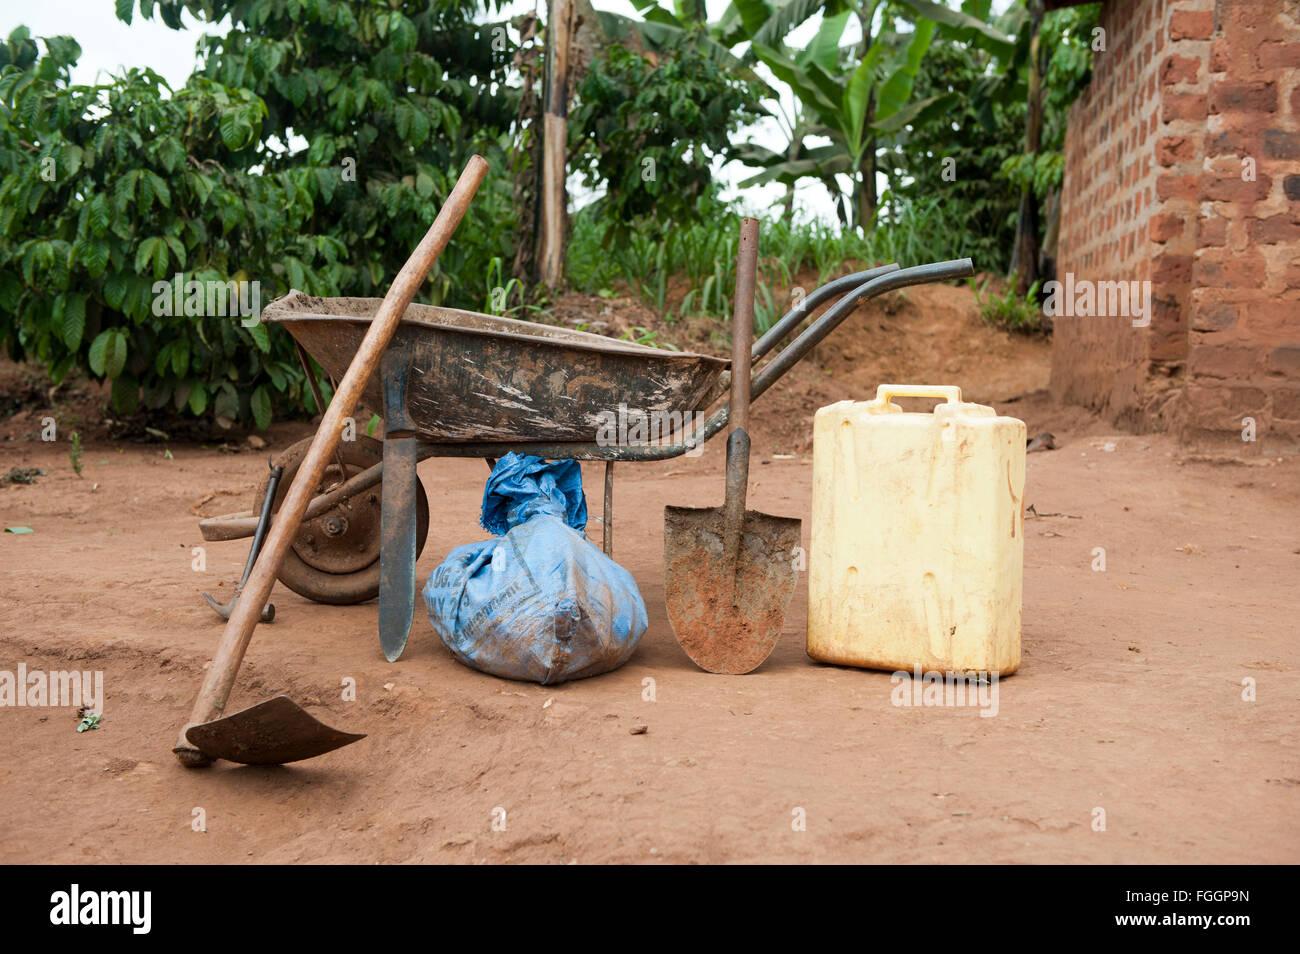 Basic tools for farming in Uganda. - Stock Image